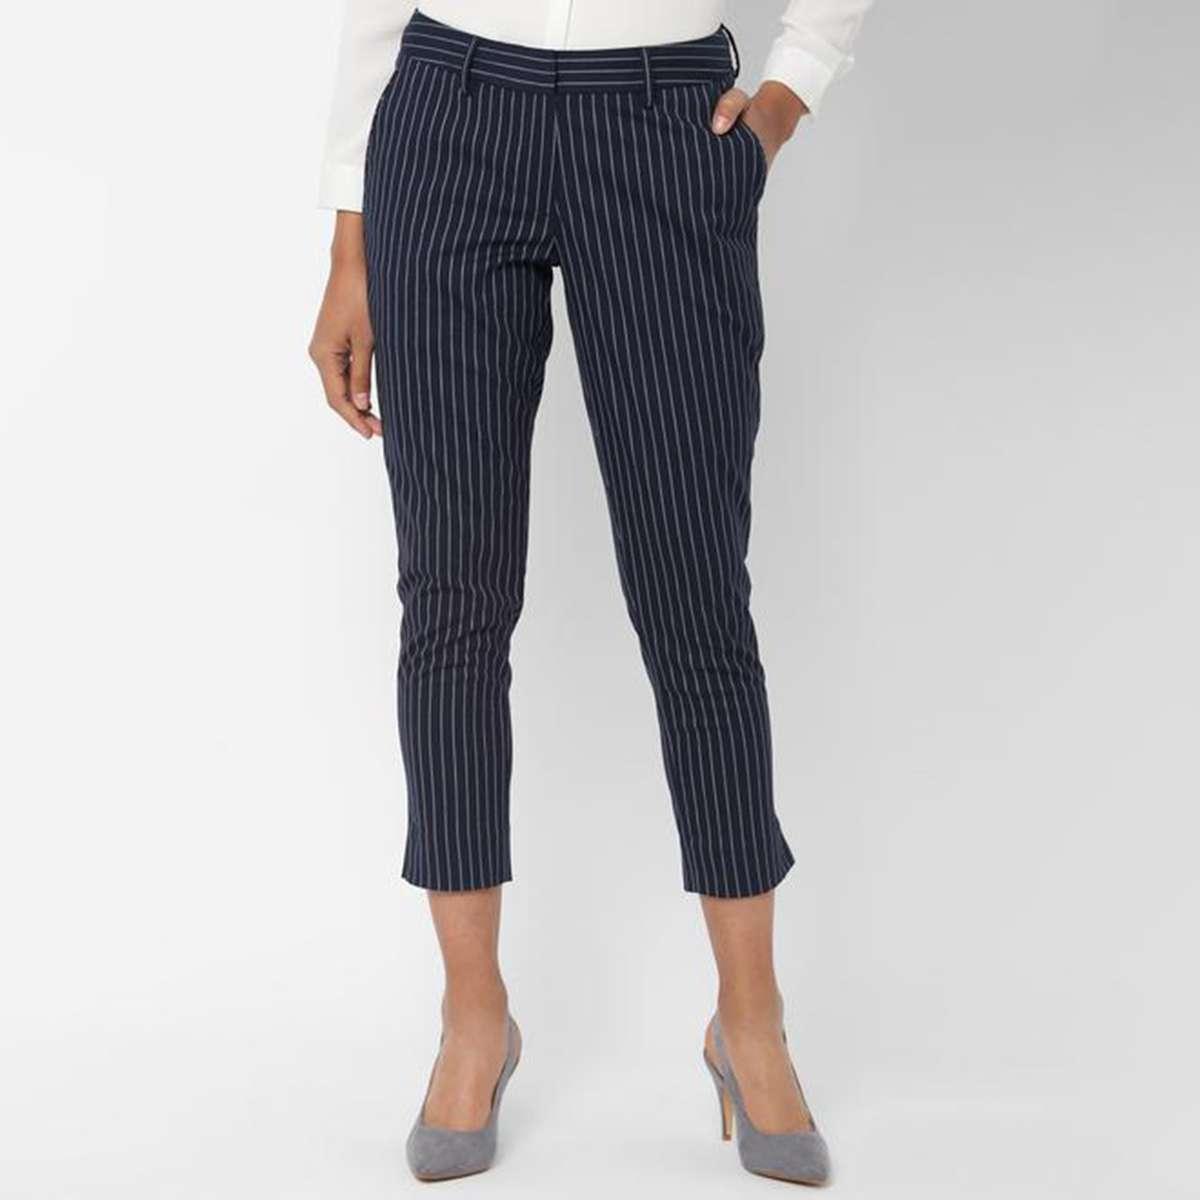 1.ALLEN SOLLY Women Striped Formal Trousers